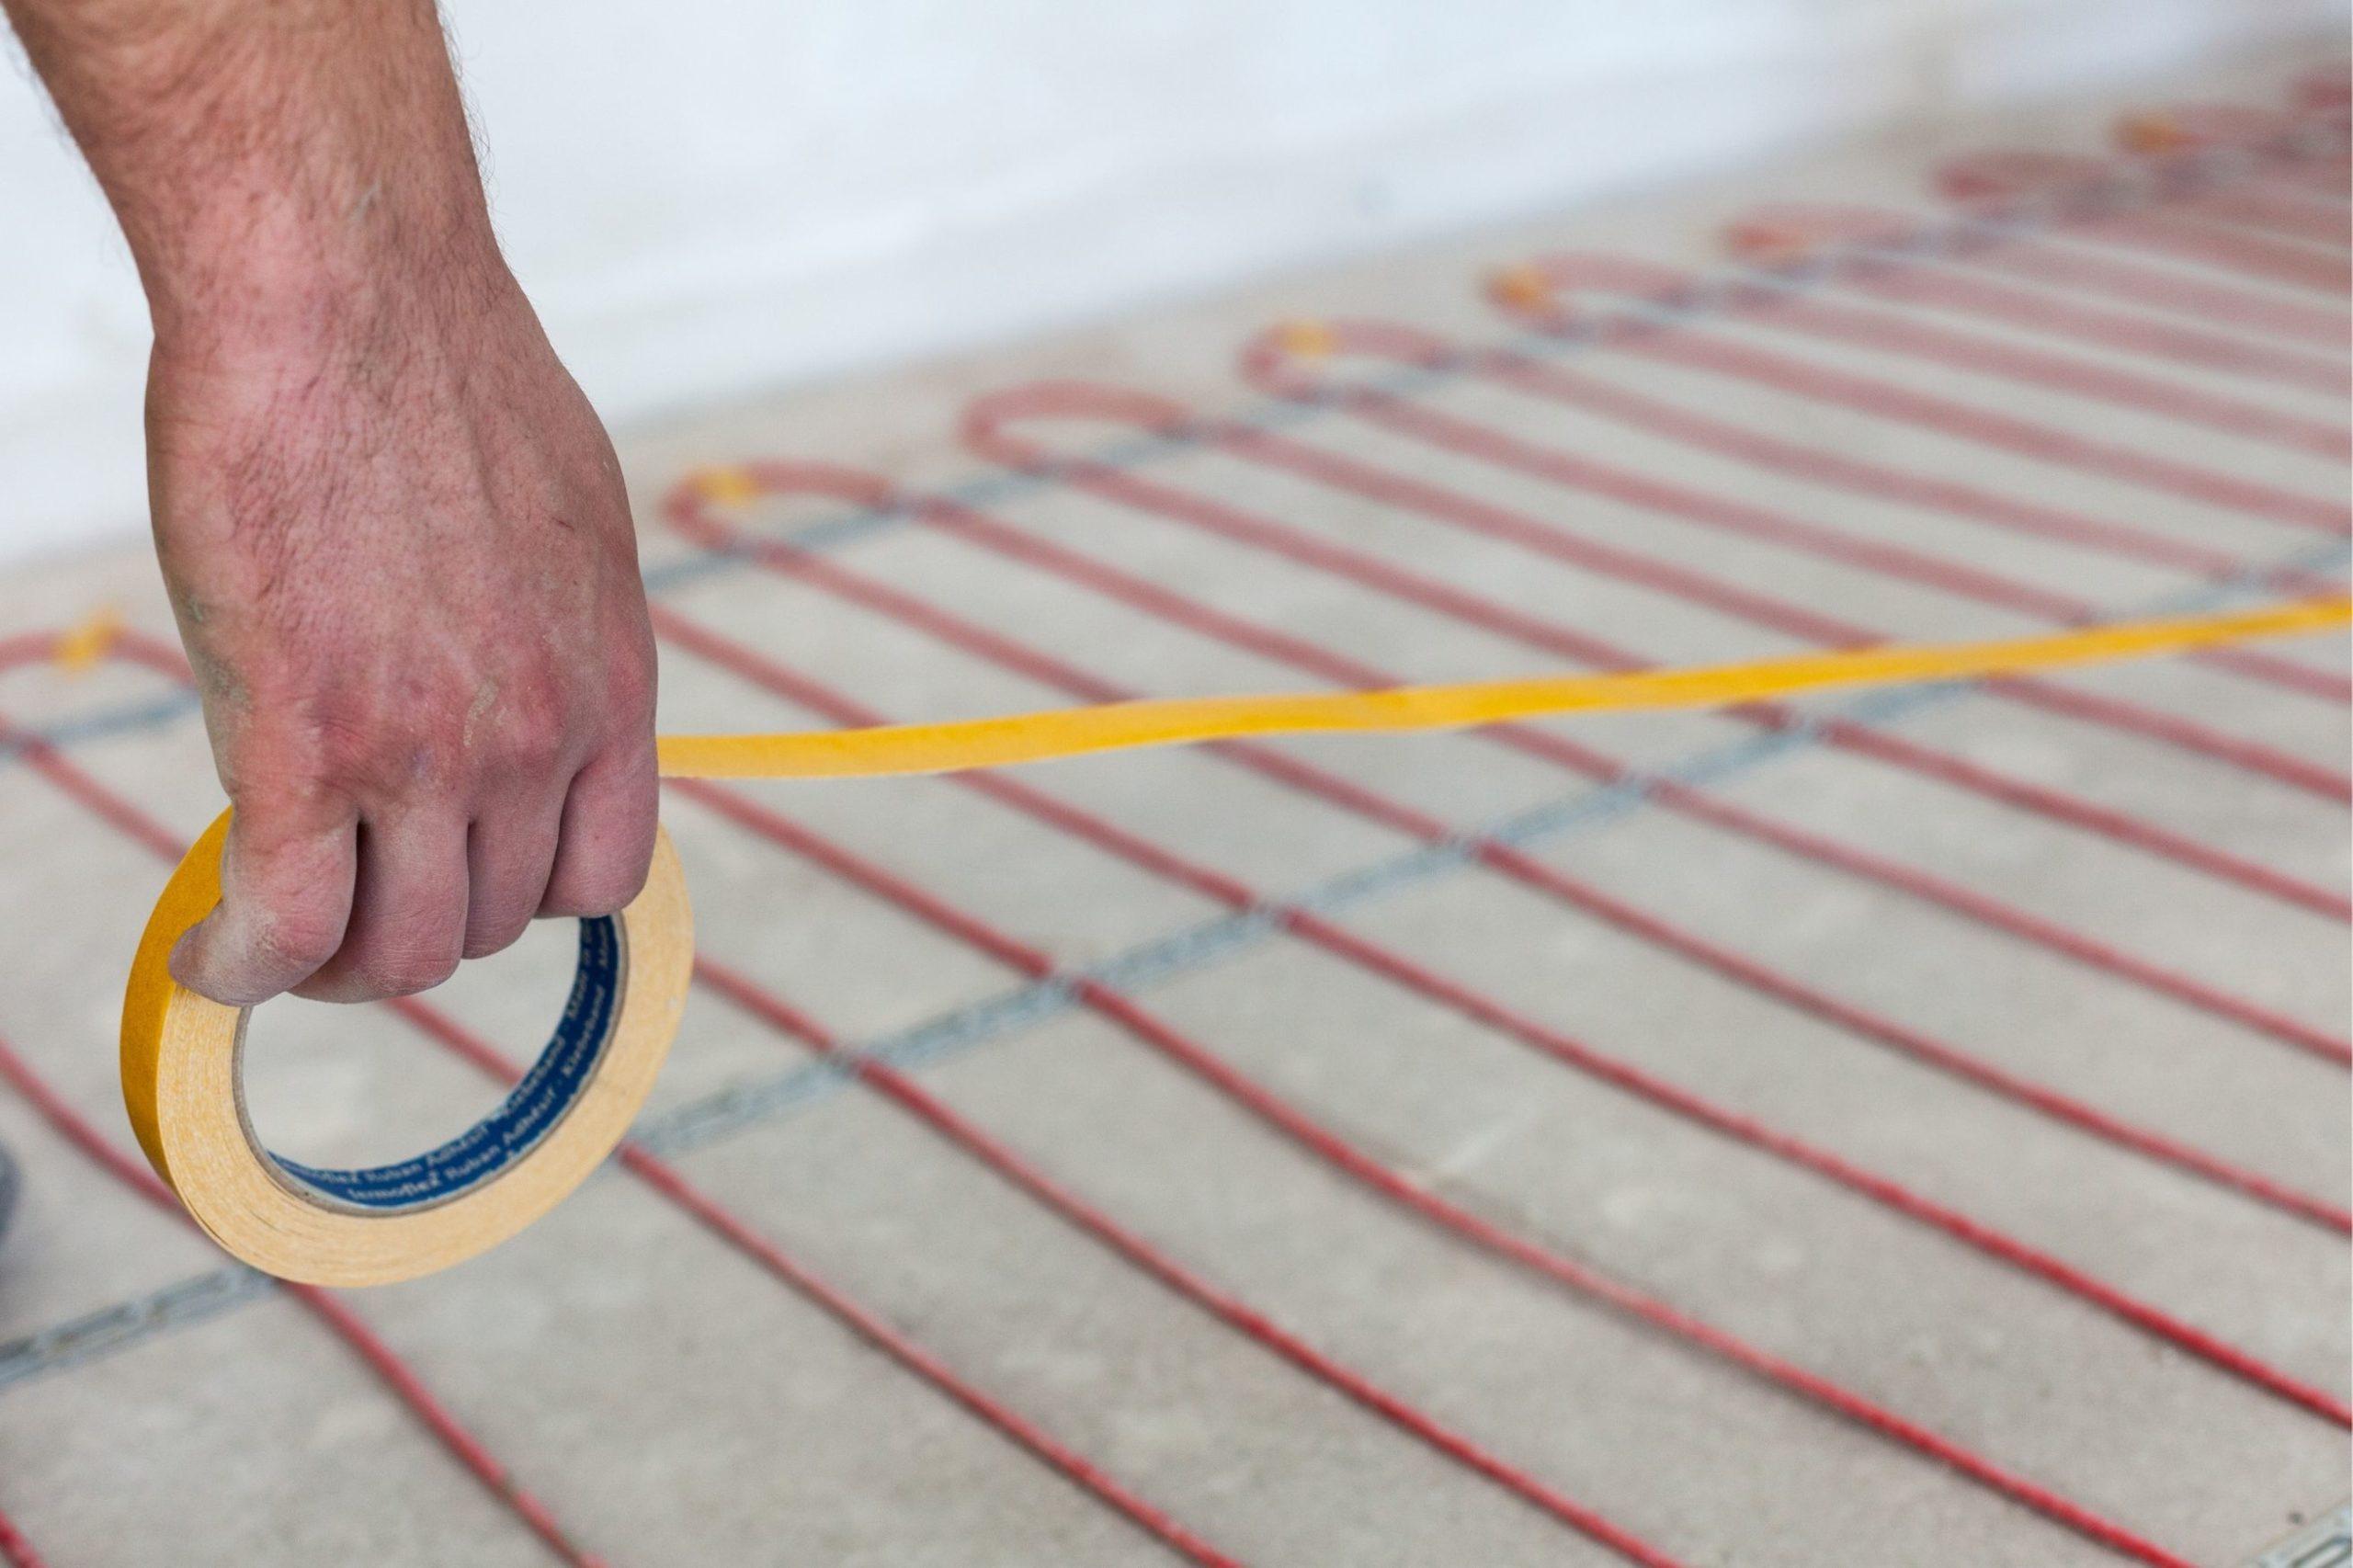 Instalace topných kabelů